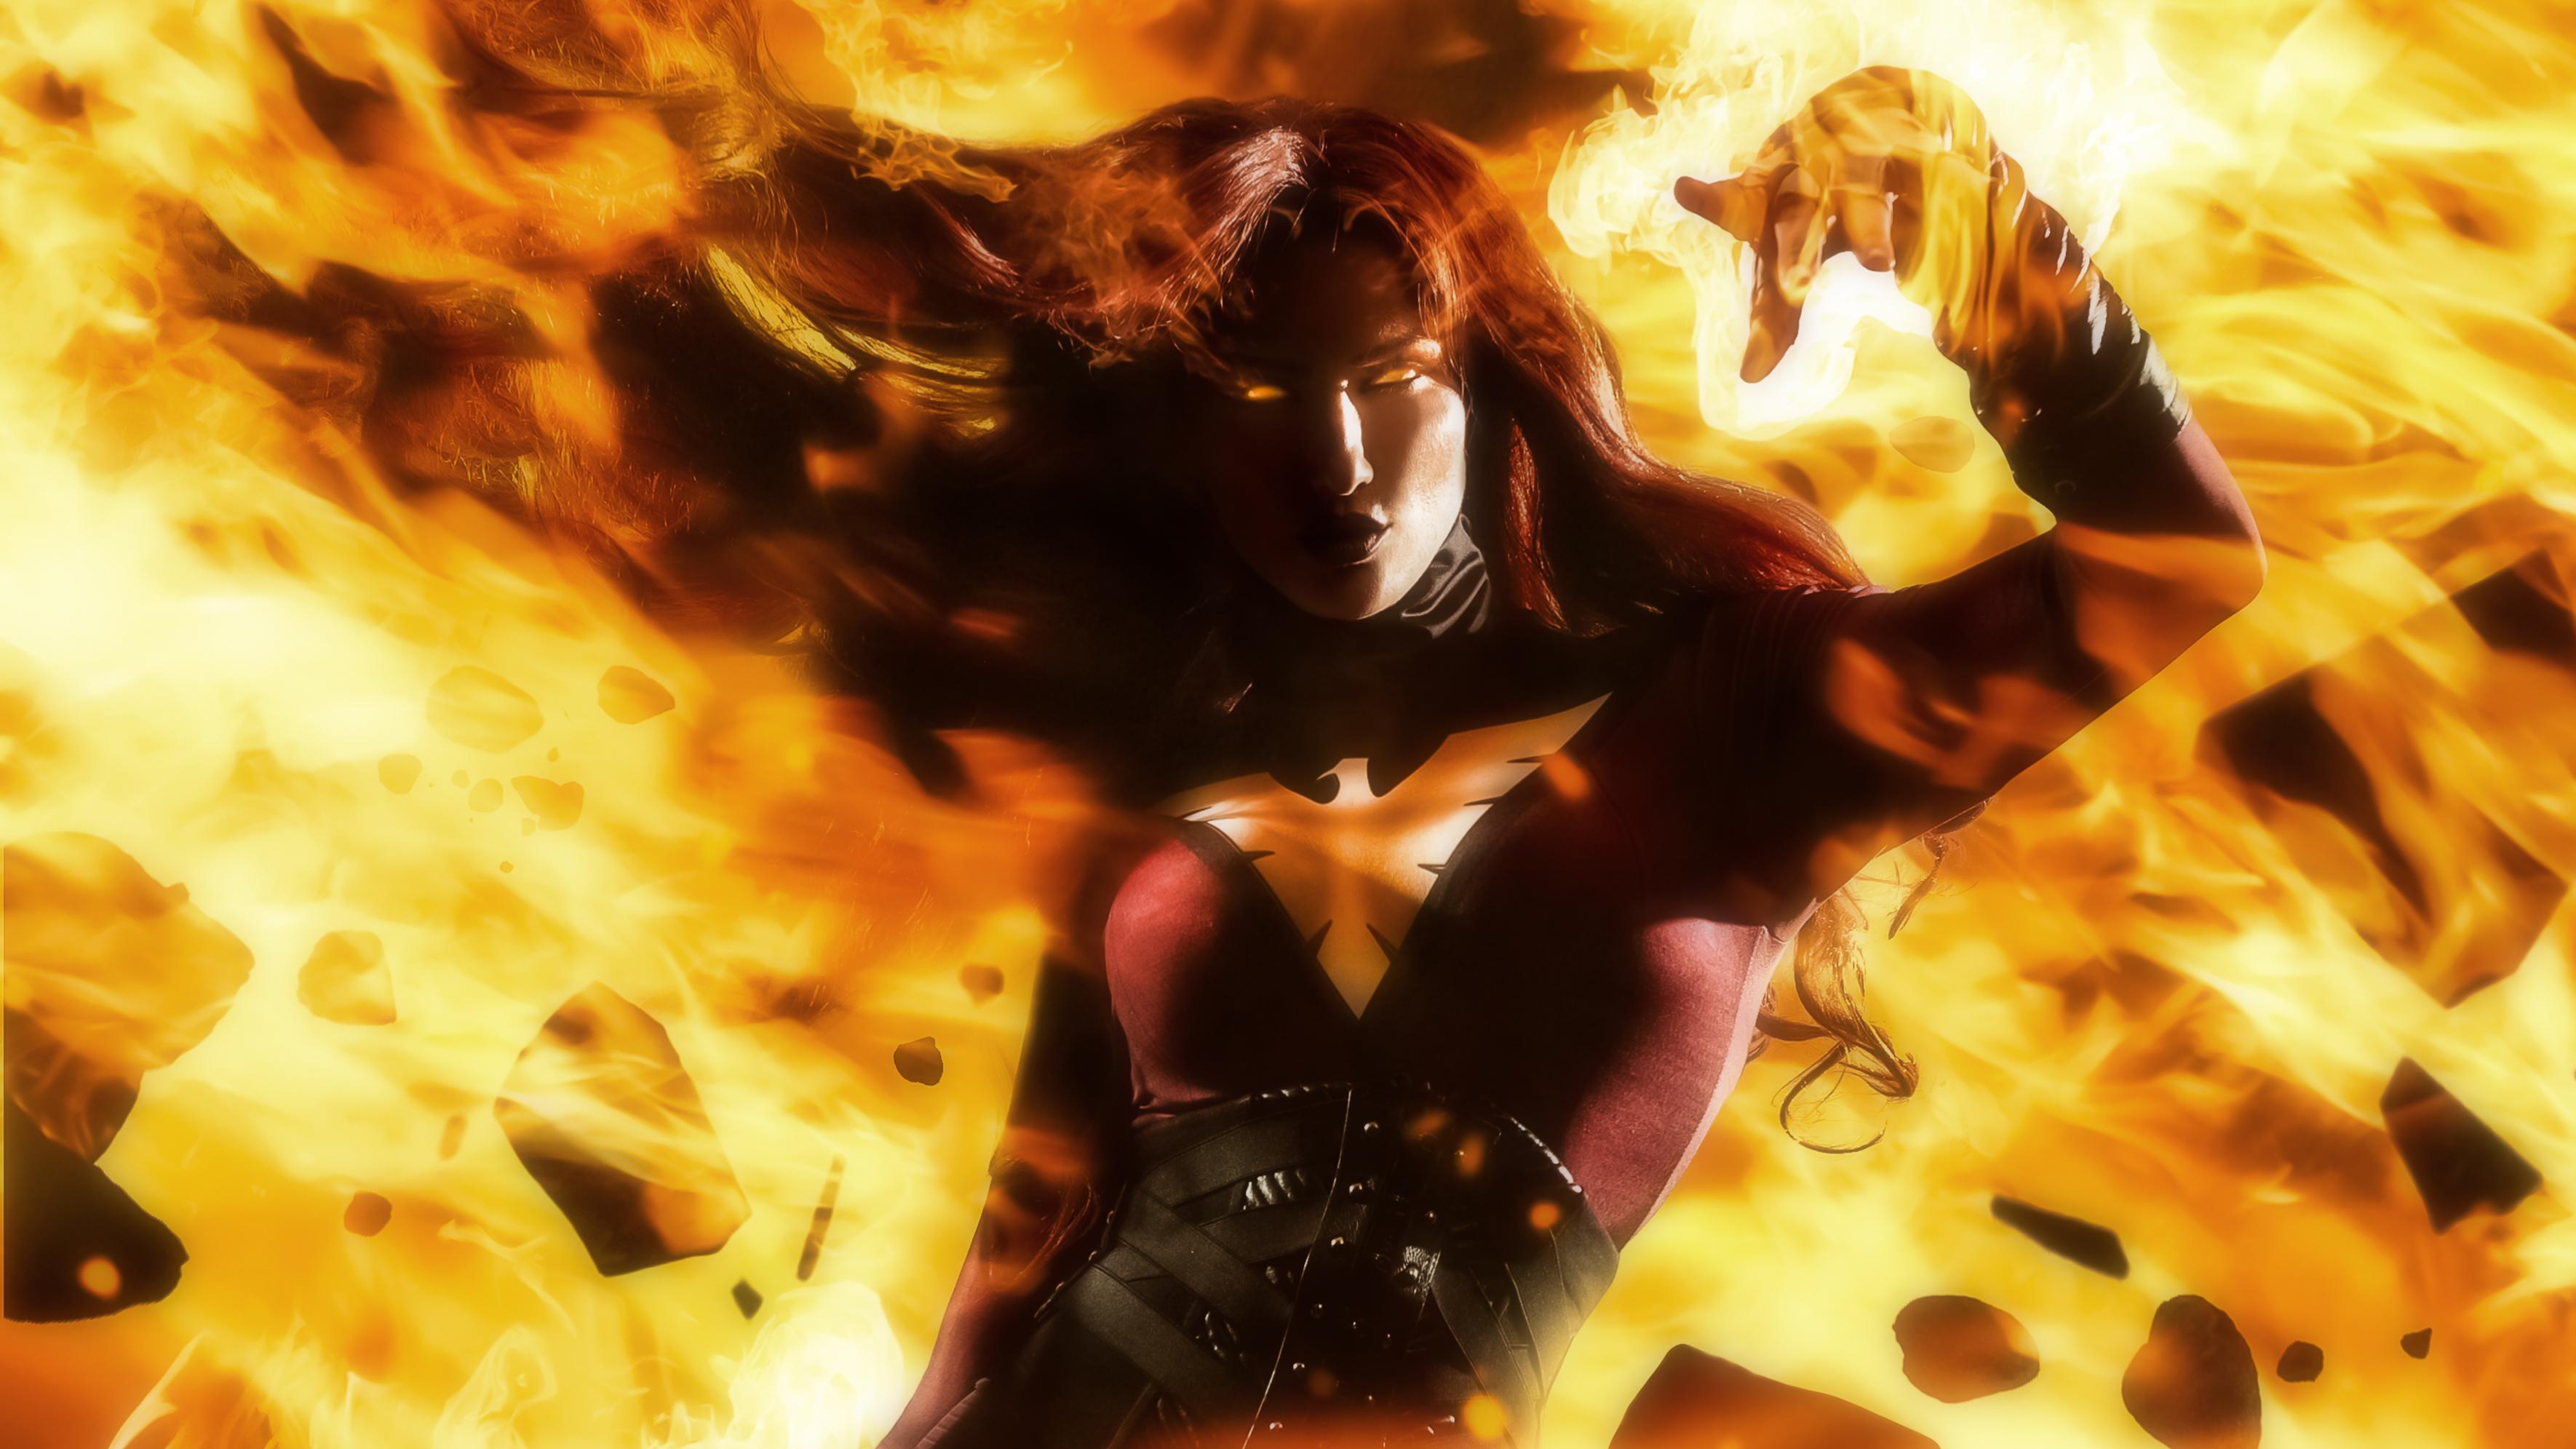 dark phoenix cosplay 4k 1547506947 - Dark Phoenix Cosplay 4k - x men dark phoenix wallpapers, superheroes wallpapers, hd-wallpapers, digital art wallpapers, dark phoenix wallpapers, cosplay wallpapers, behance wallpapers, artwork wallpapers, 4k-wallpapers